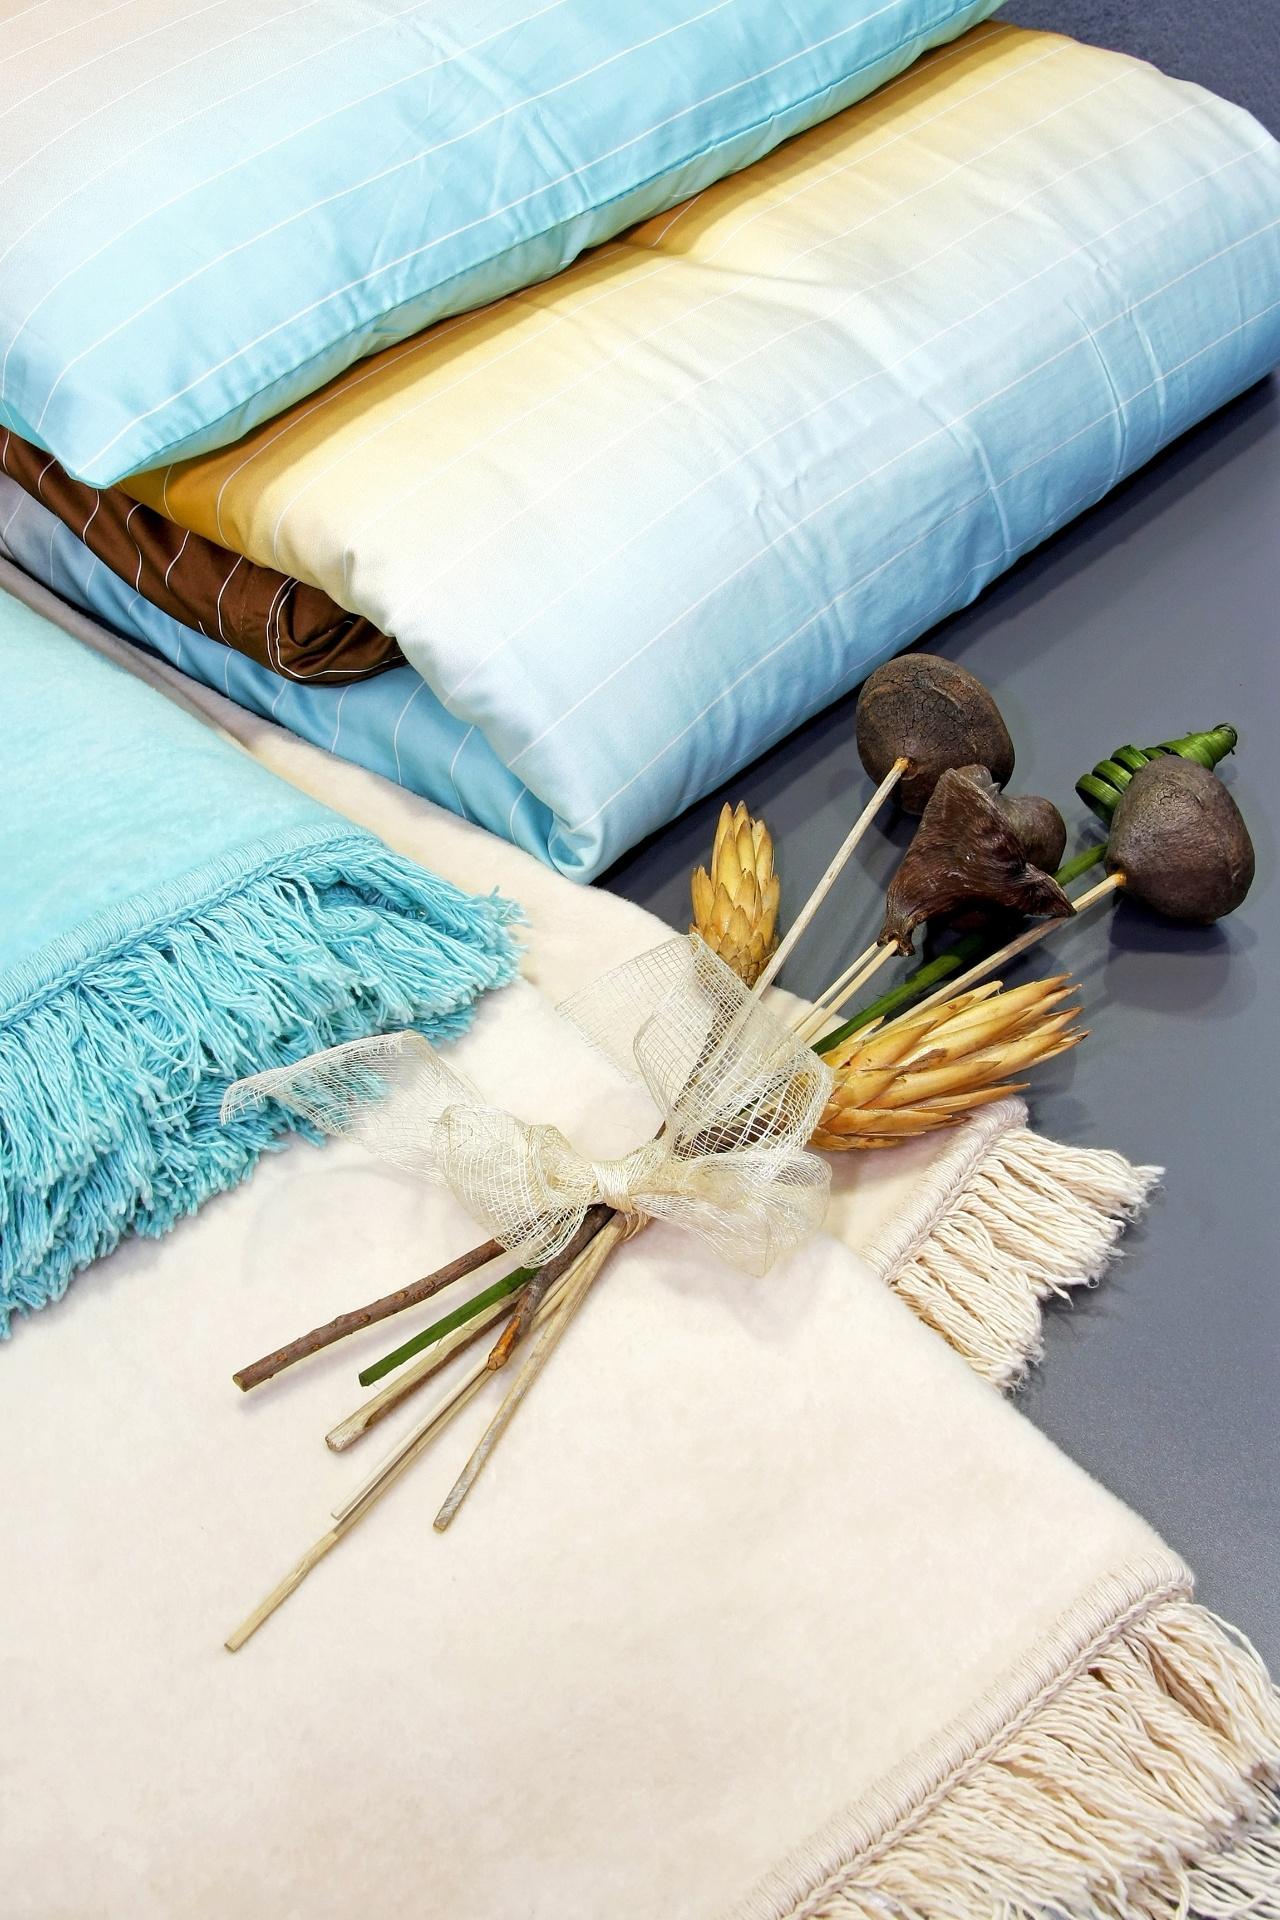 ALGODÃO - Com relação ao aspecto morfológico, as fibras de algodão se parecem com